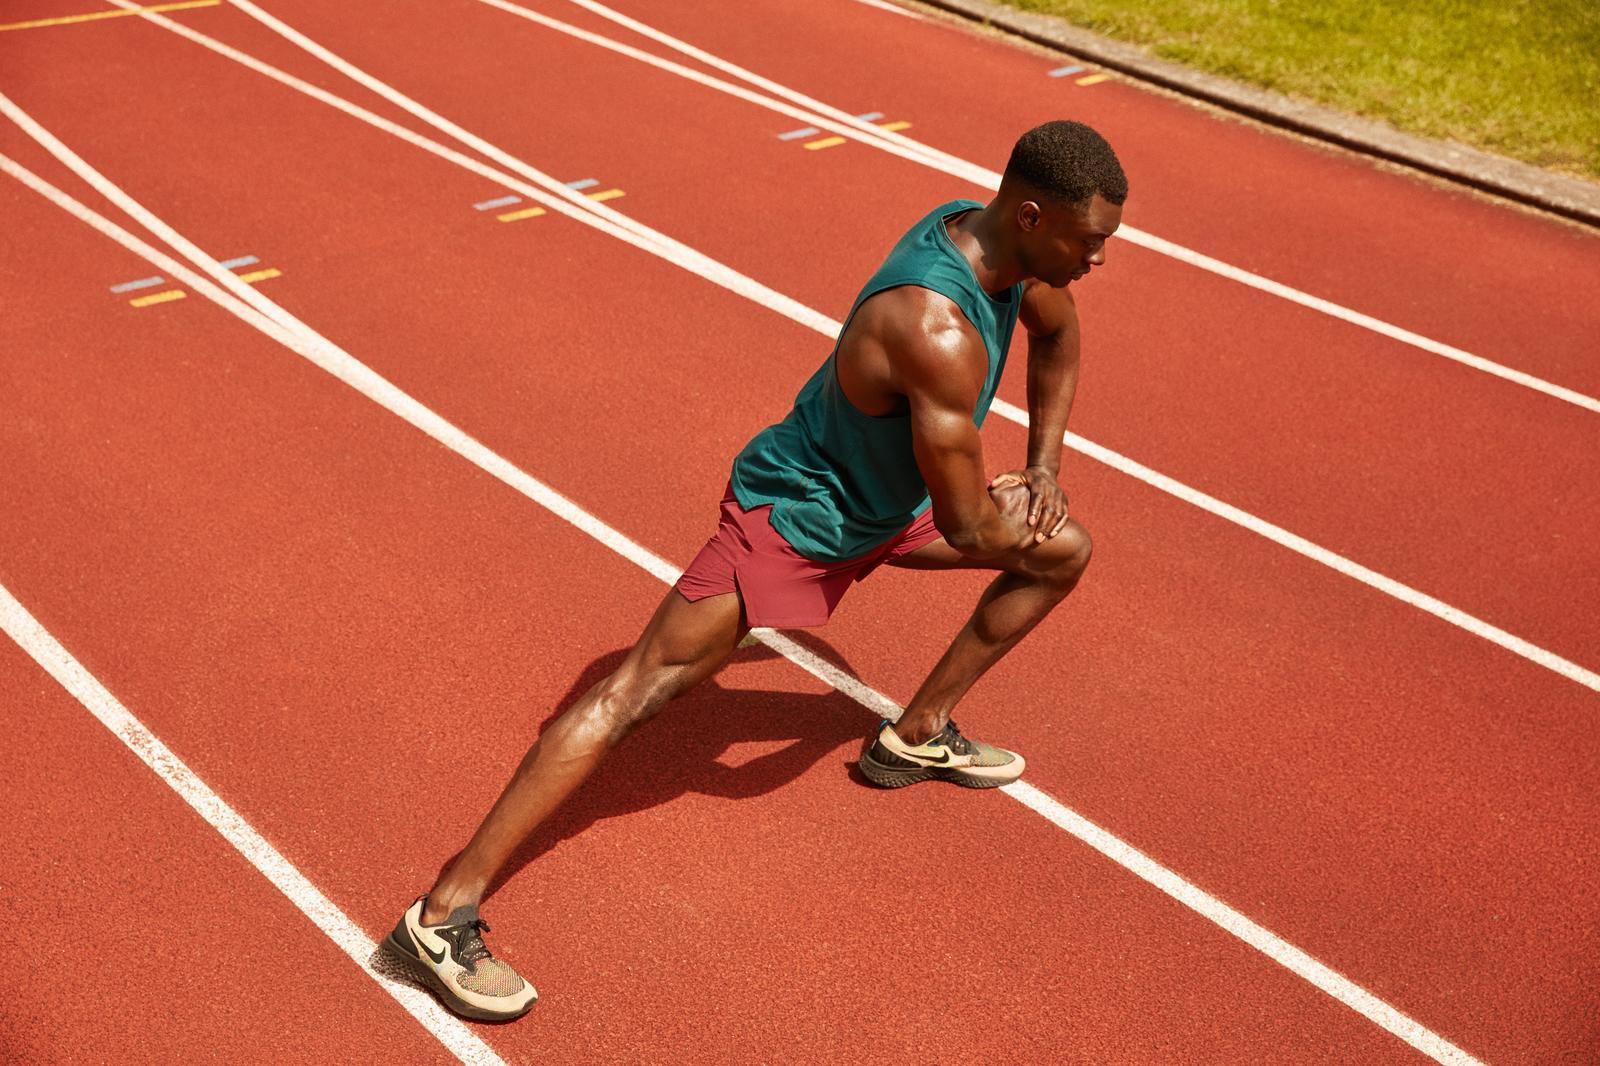 Stijve spieren en gewrichten: wat te doen?